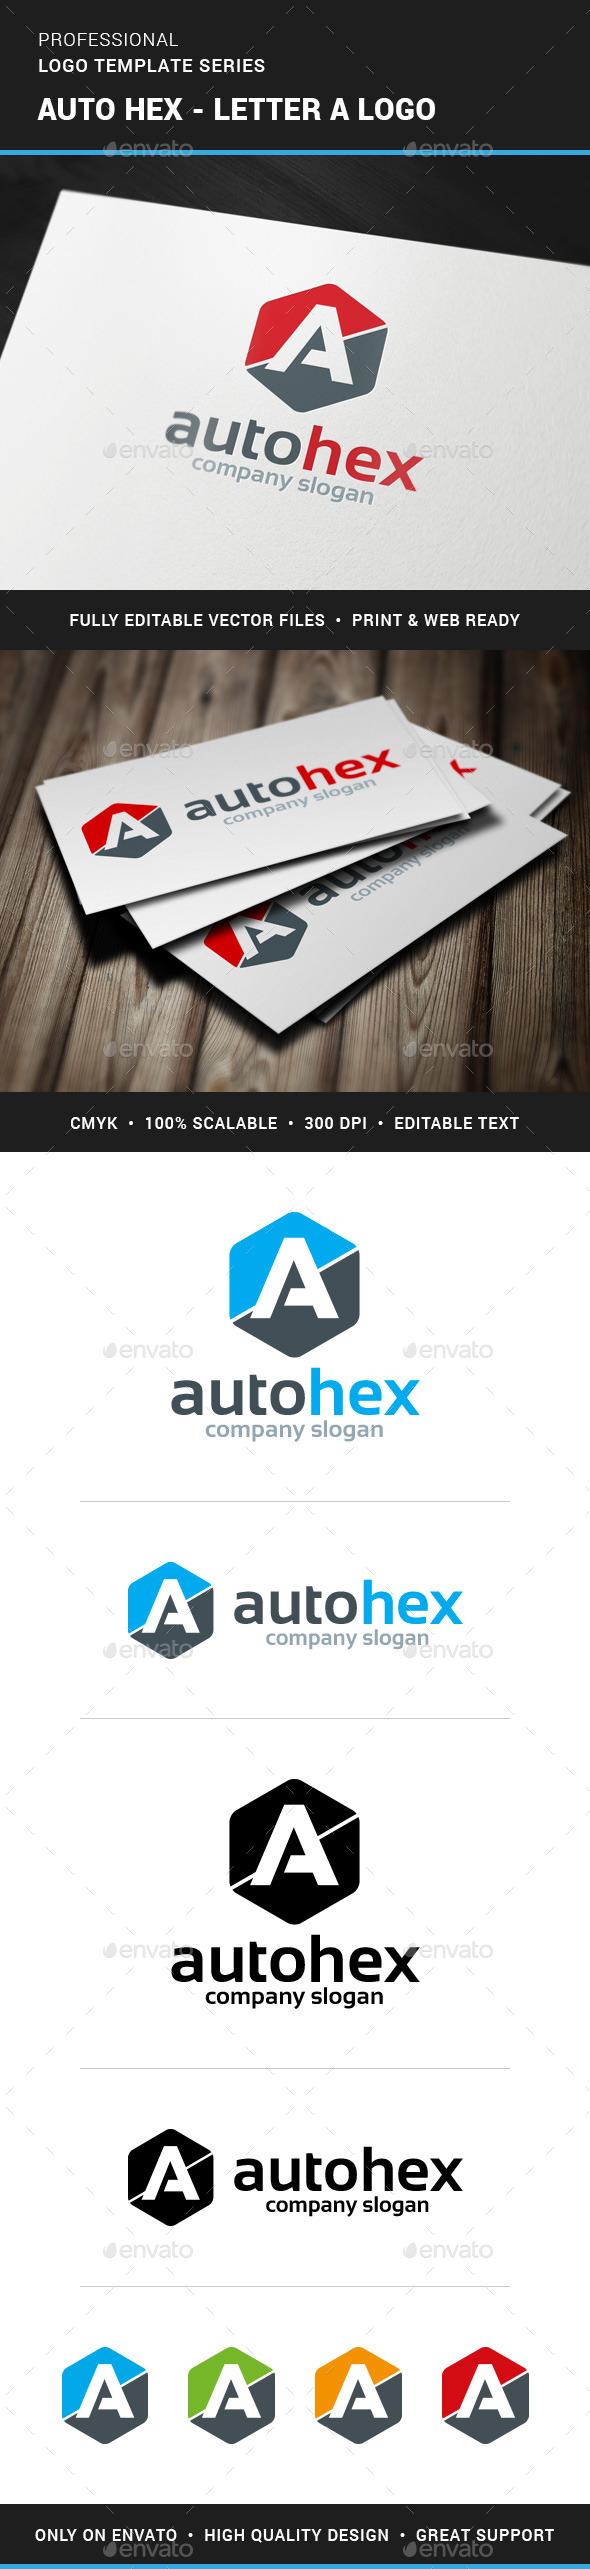 GraphicRiver Auto Hex Letter A Logo 11494323